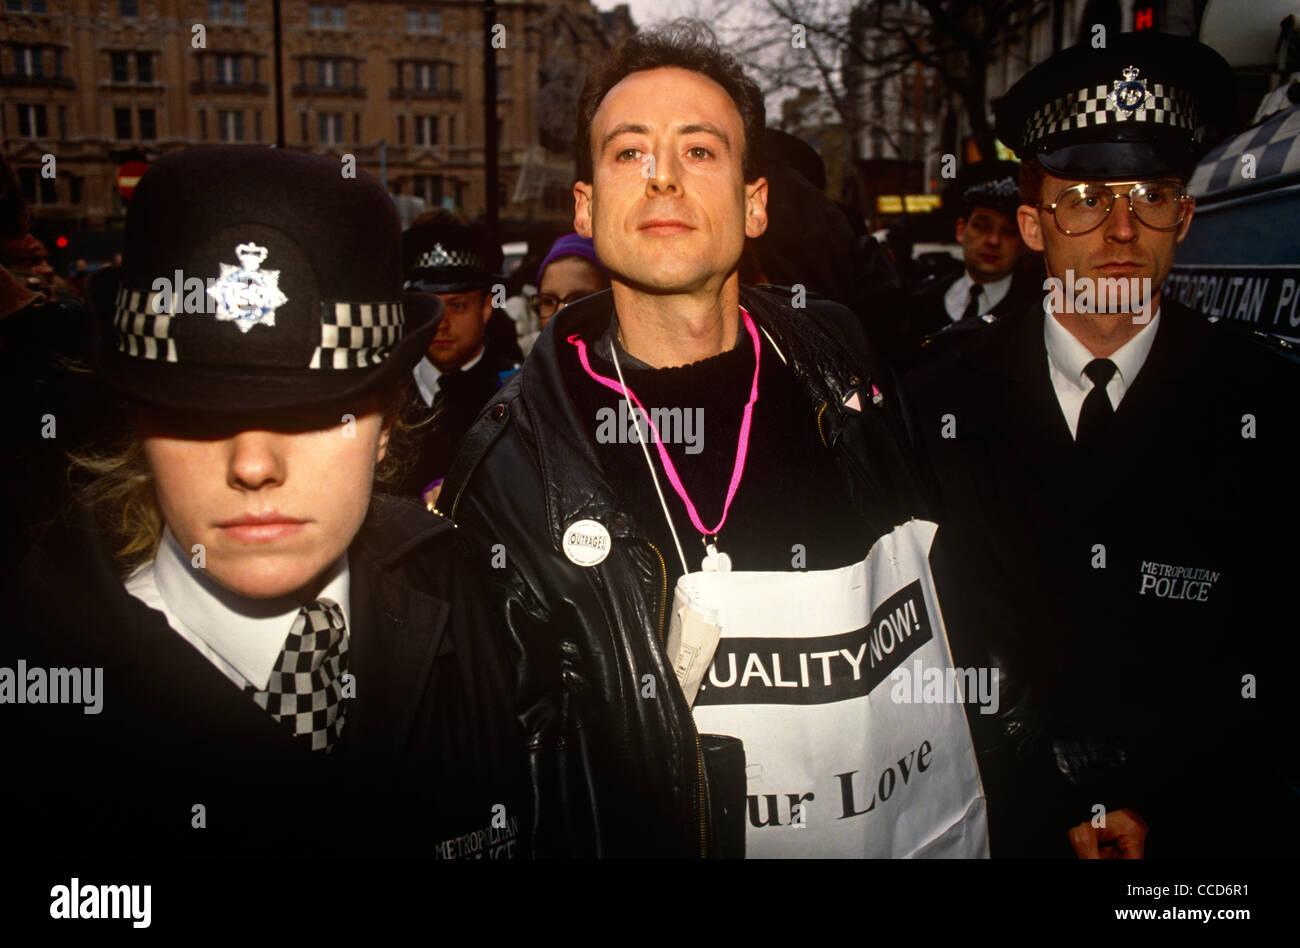 gay police site de rencontre